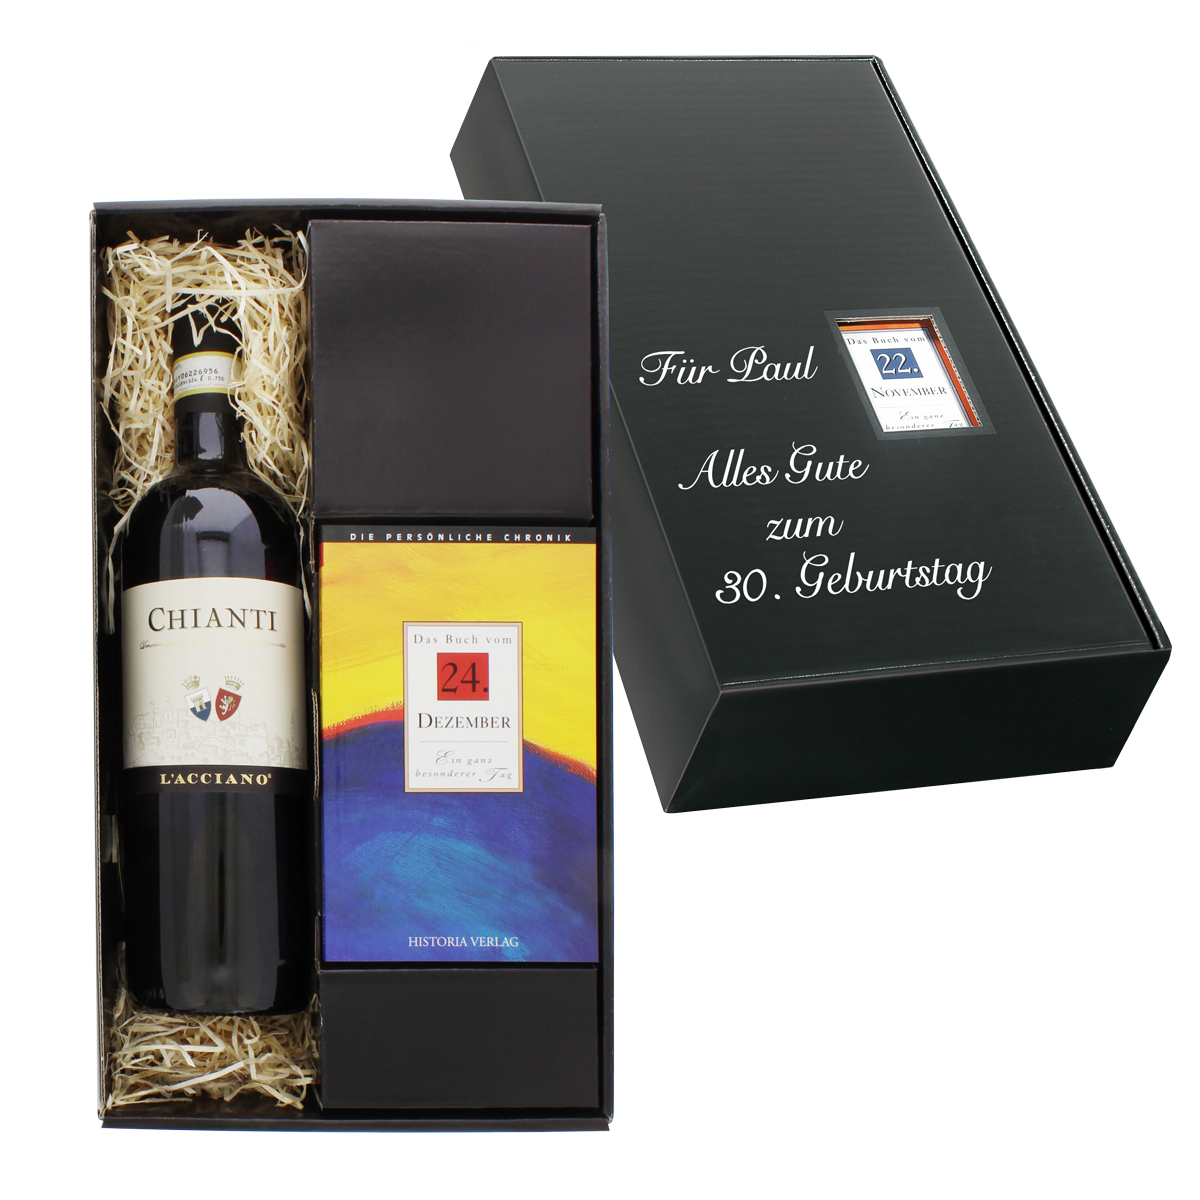 Italien-Set: Tageschronik vom 11. Februar & Chianti-Wein